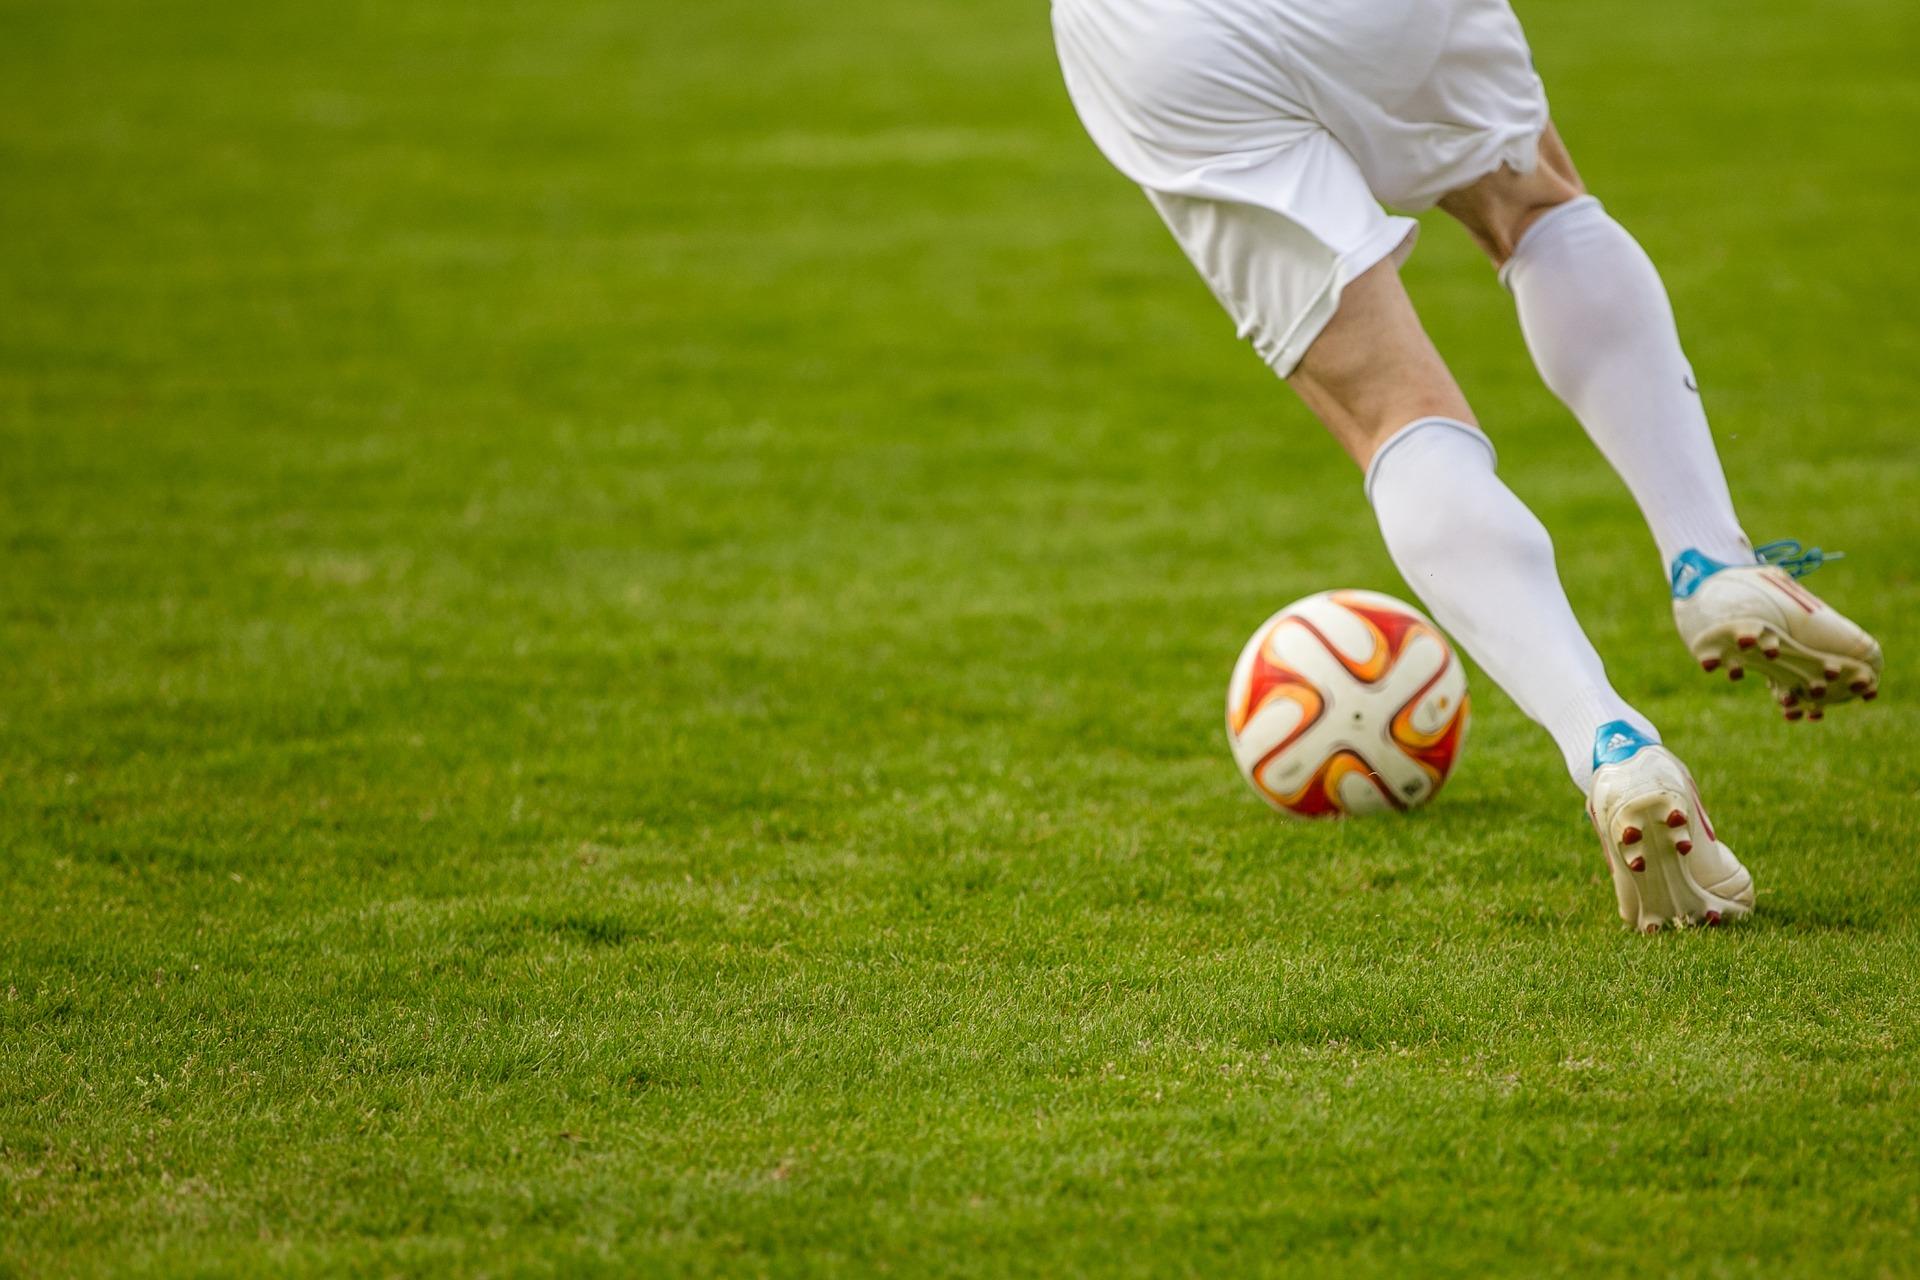 Футболисты спортивного клуба «Медведь» обыграли команду в контрольном матче